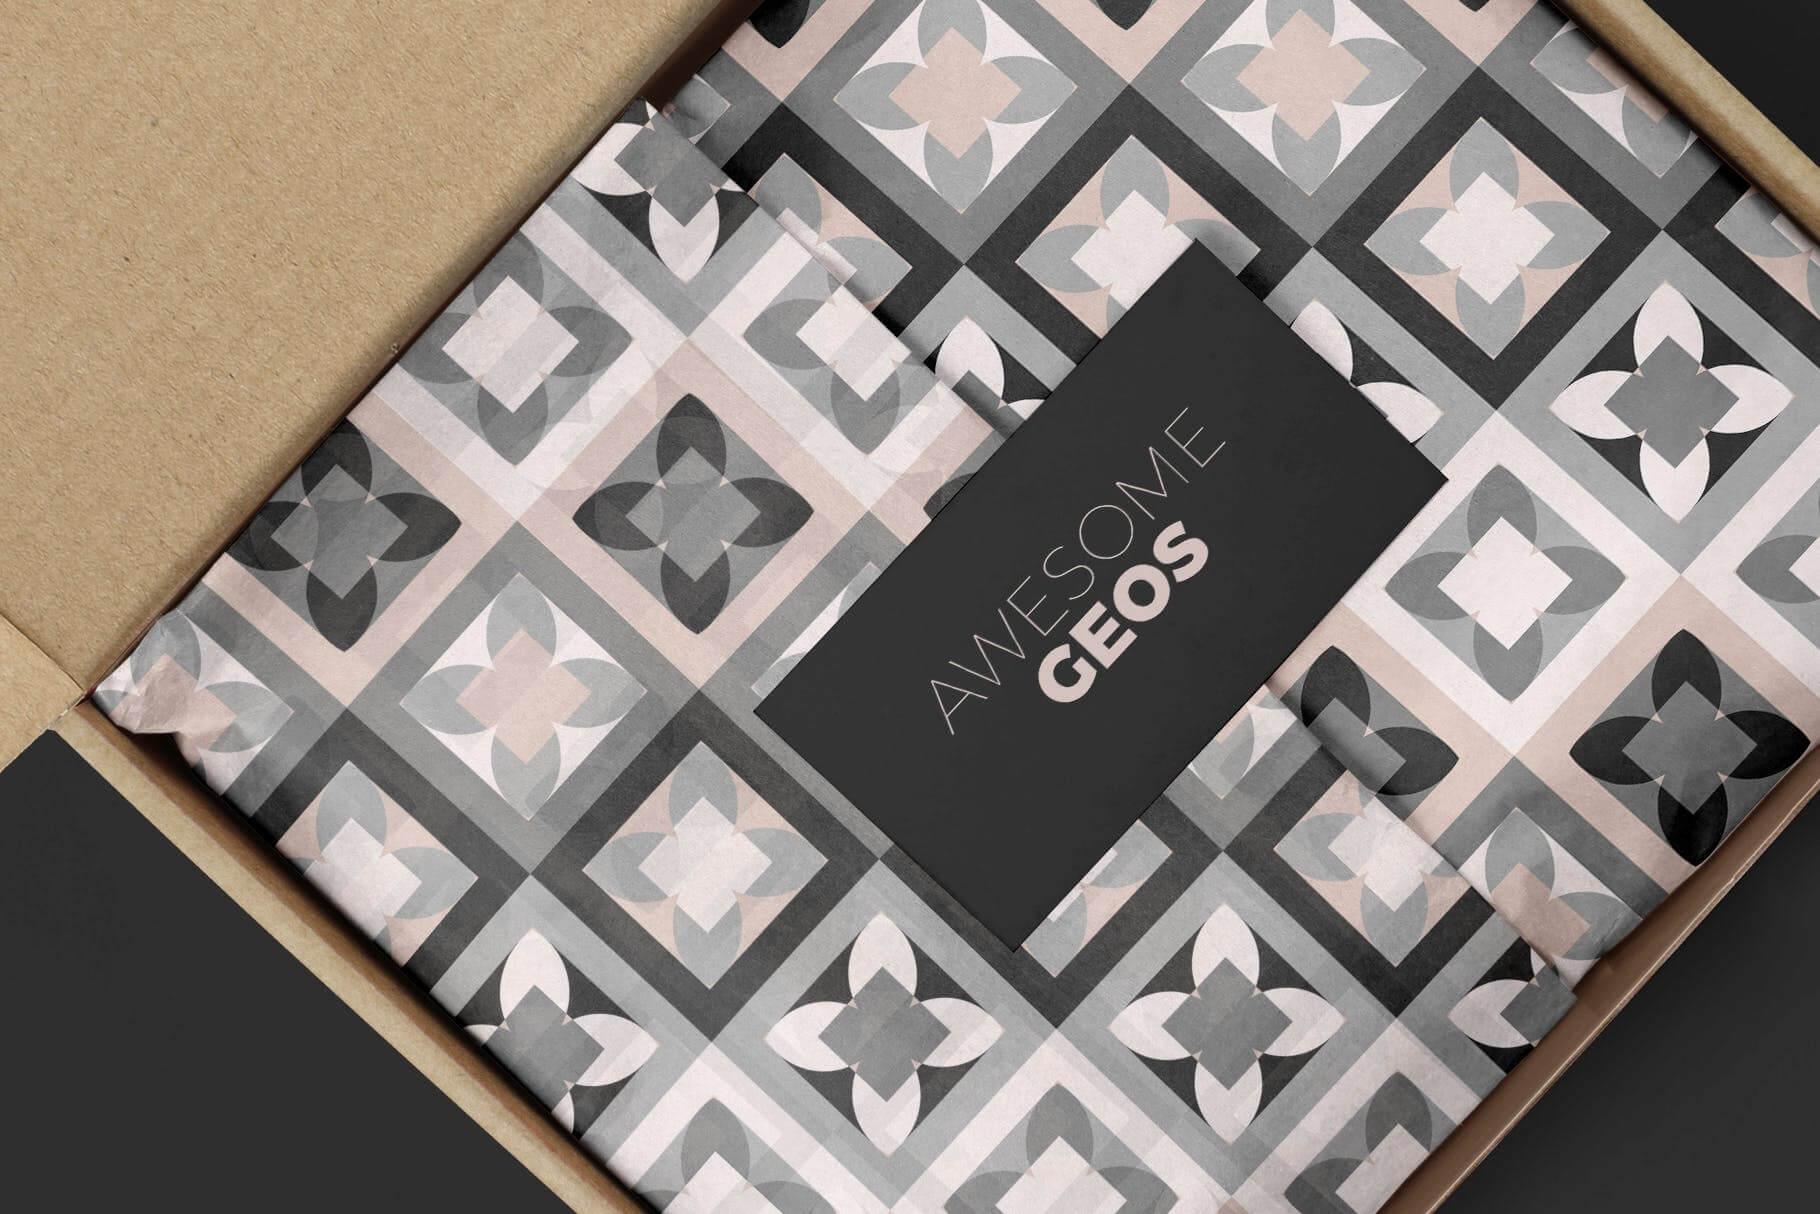 布艺面料装饰纹理图案花纹品牌辅助图形Geometric Play Patterns Tiles插图(3)